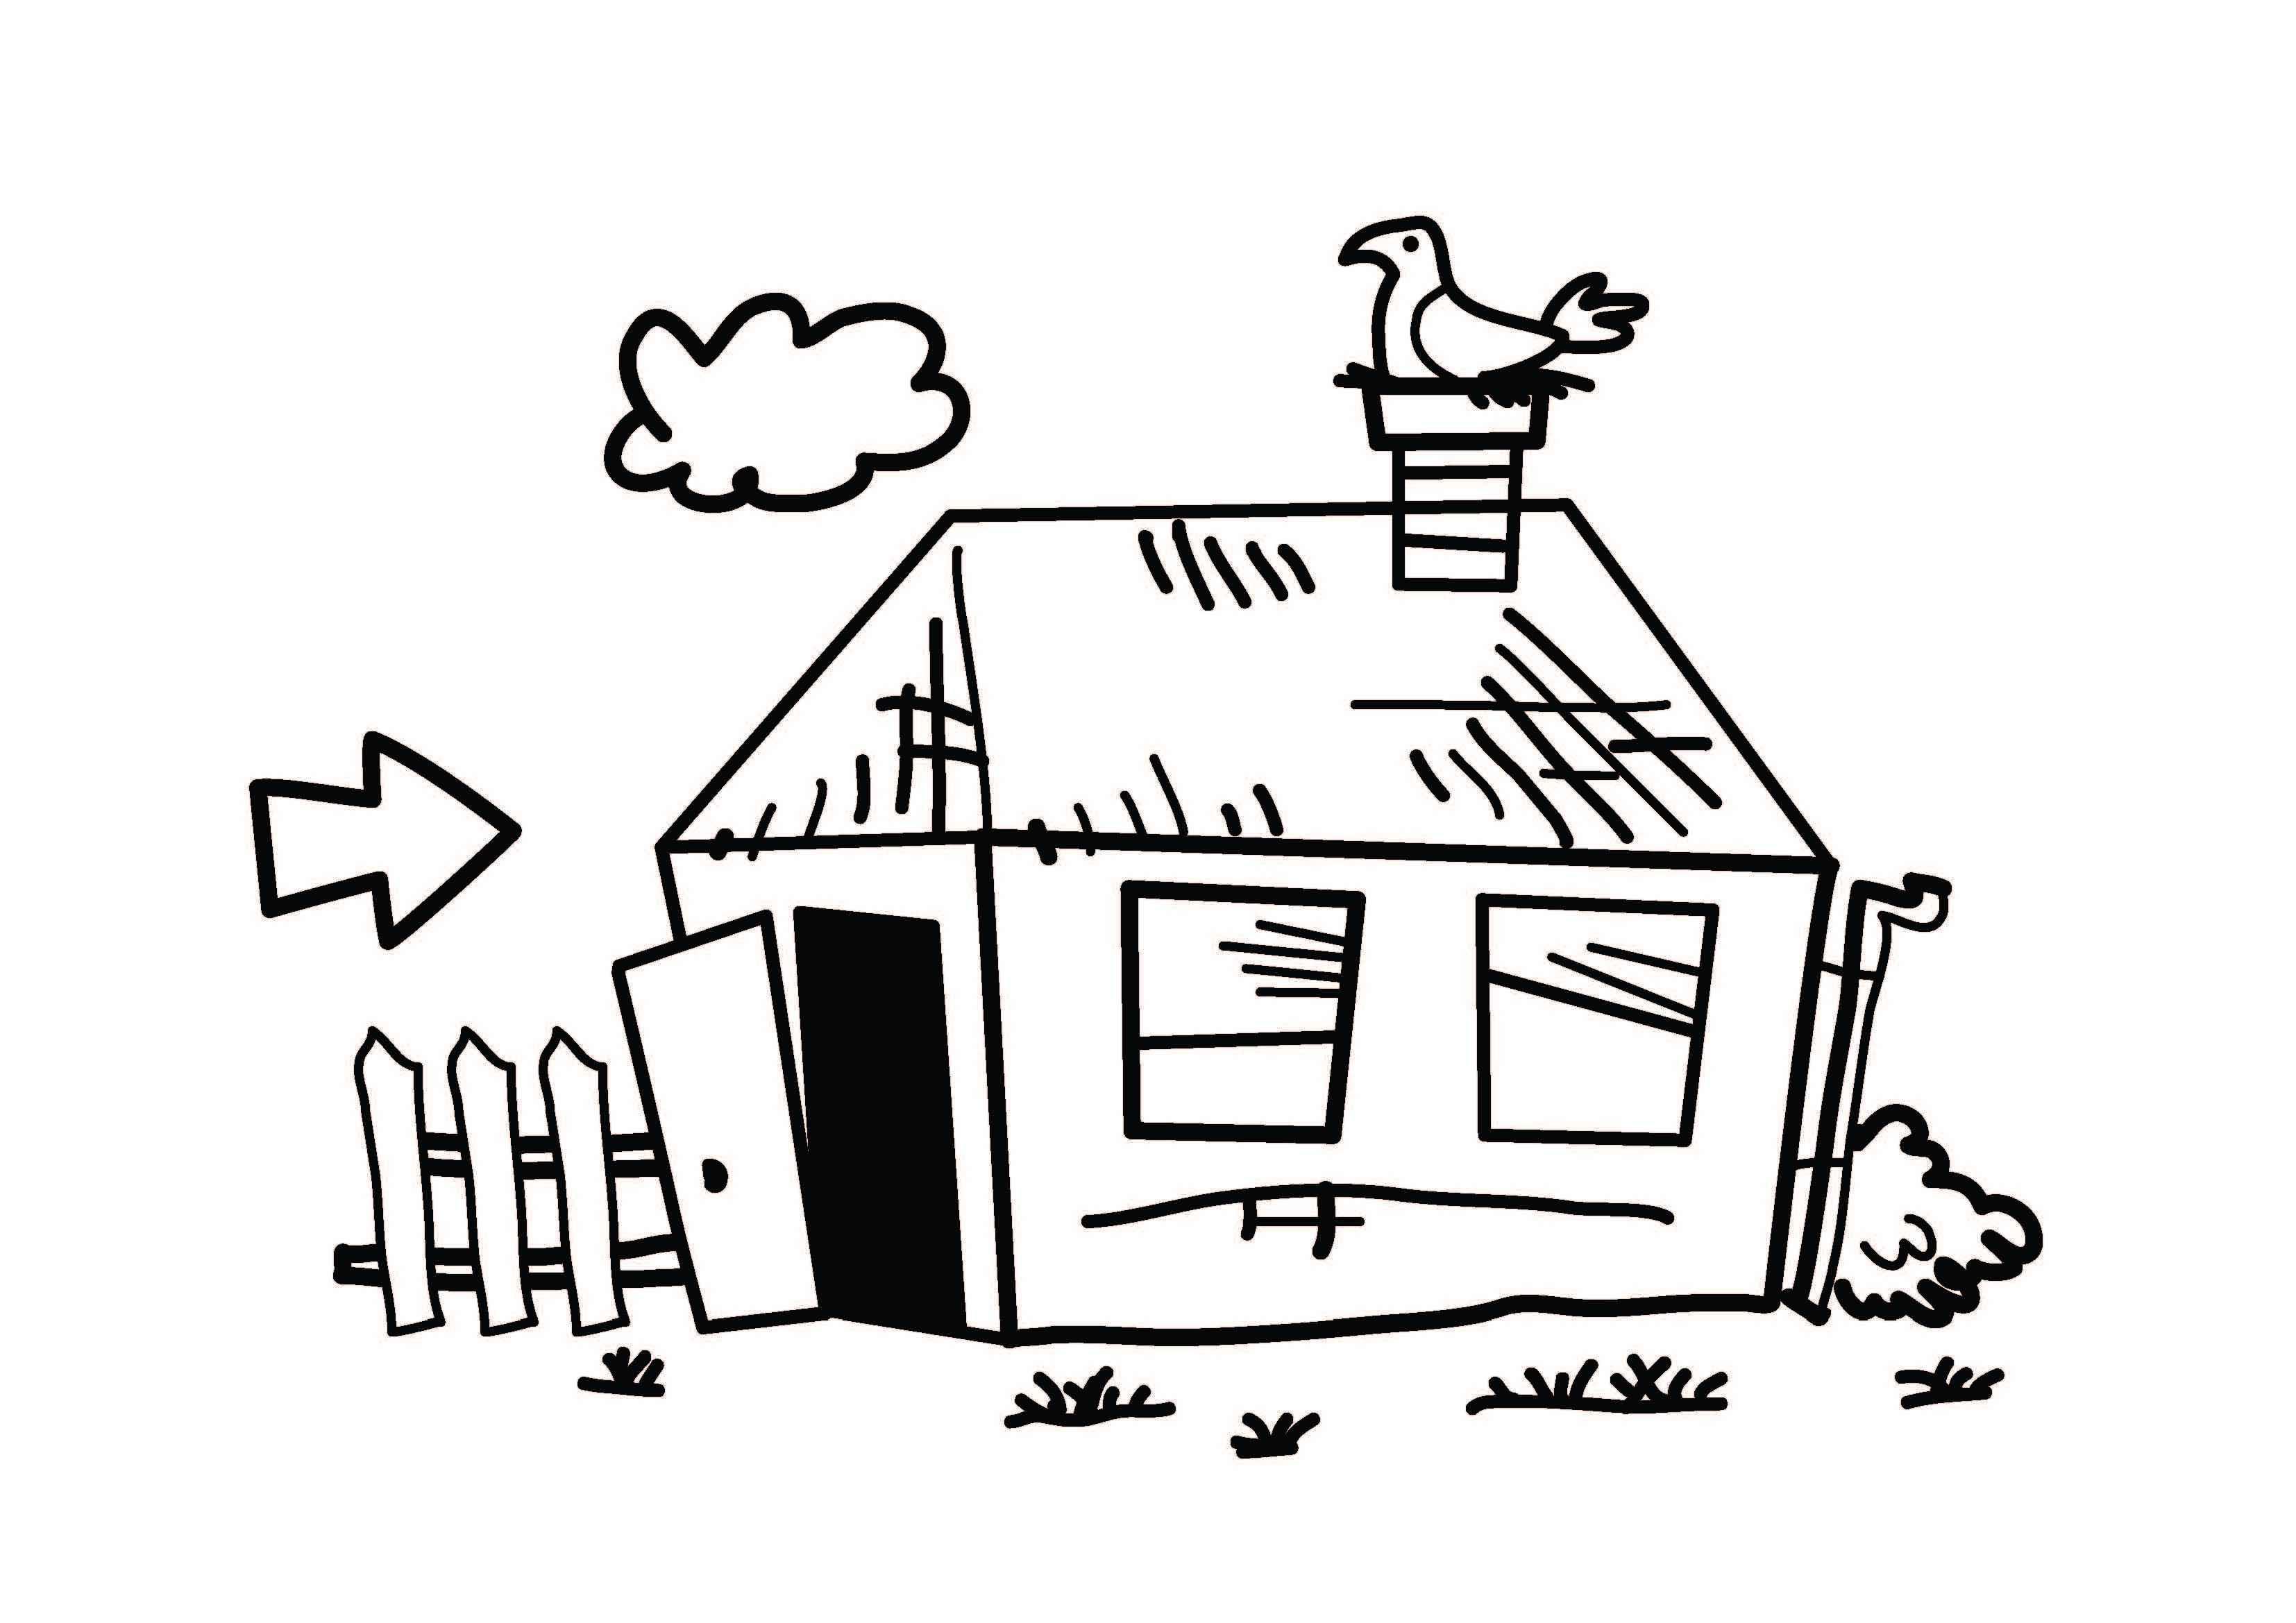 vergleichswert Immobilie - heruntergekommene - Immobilie